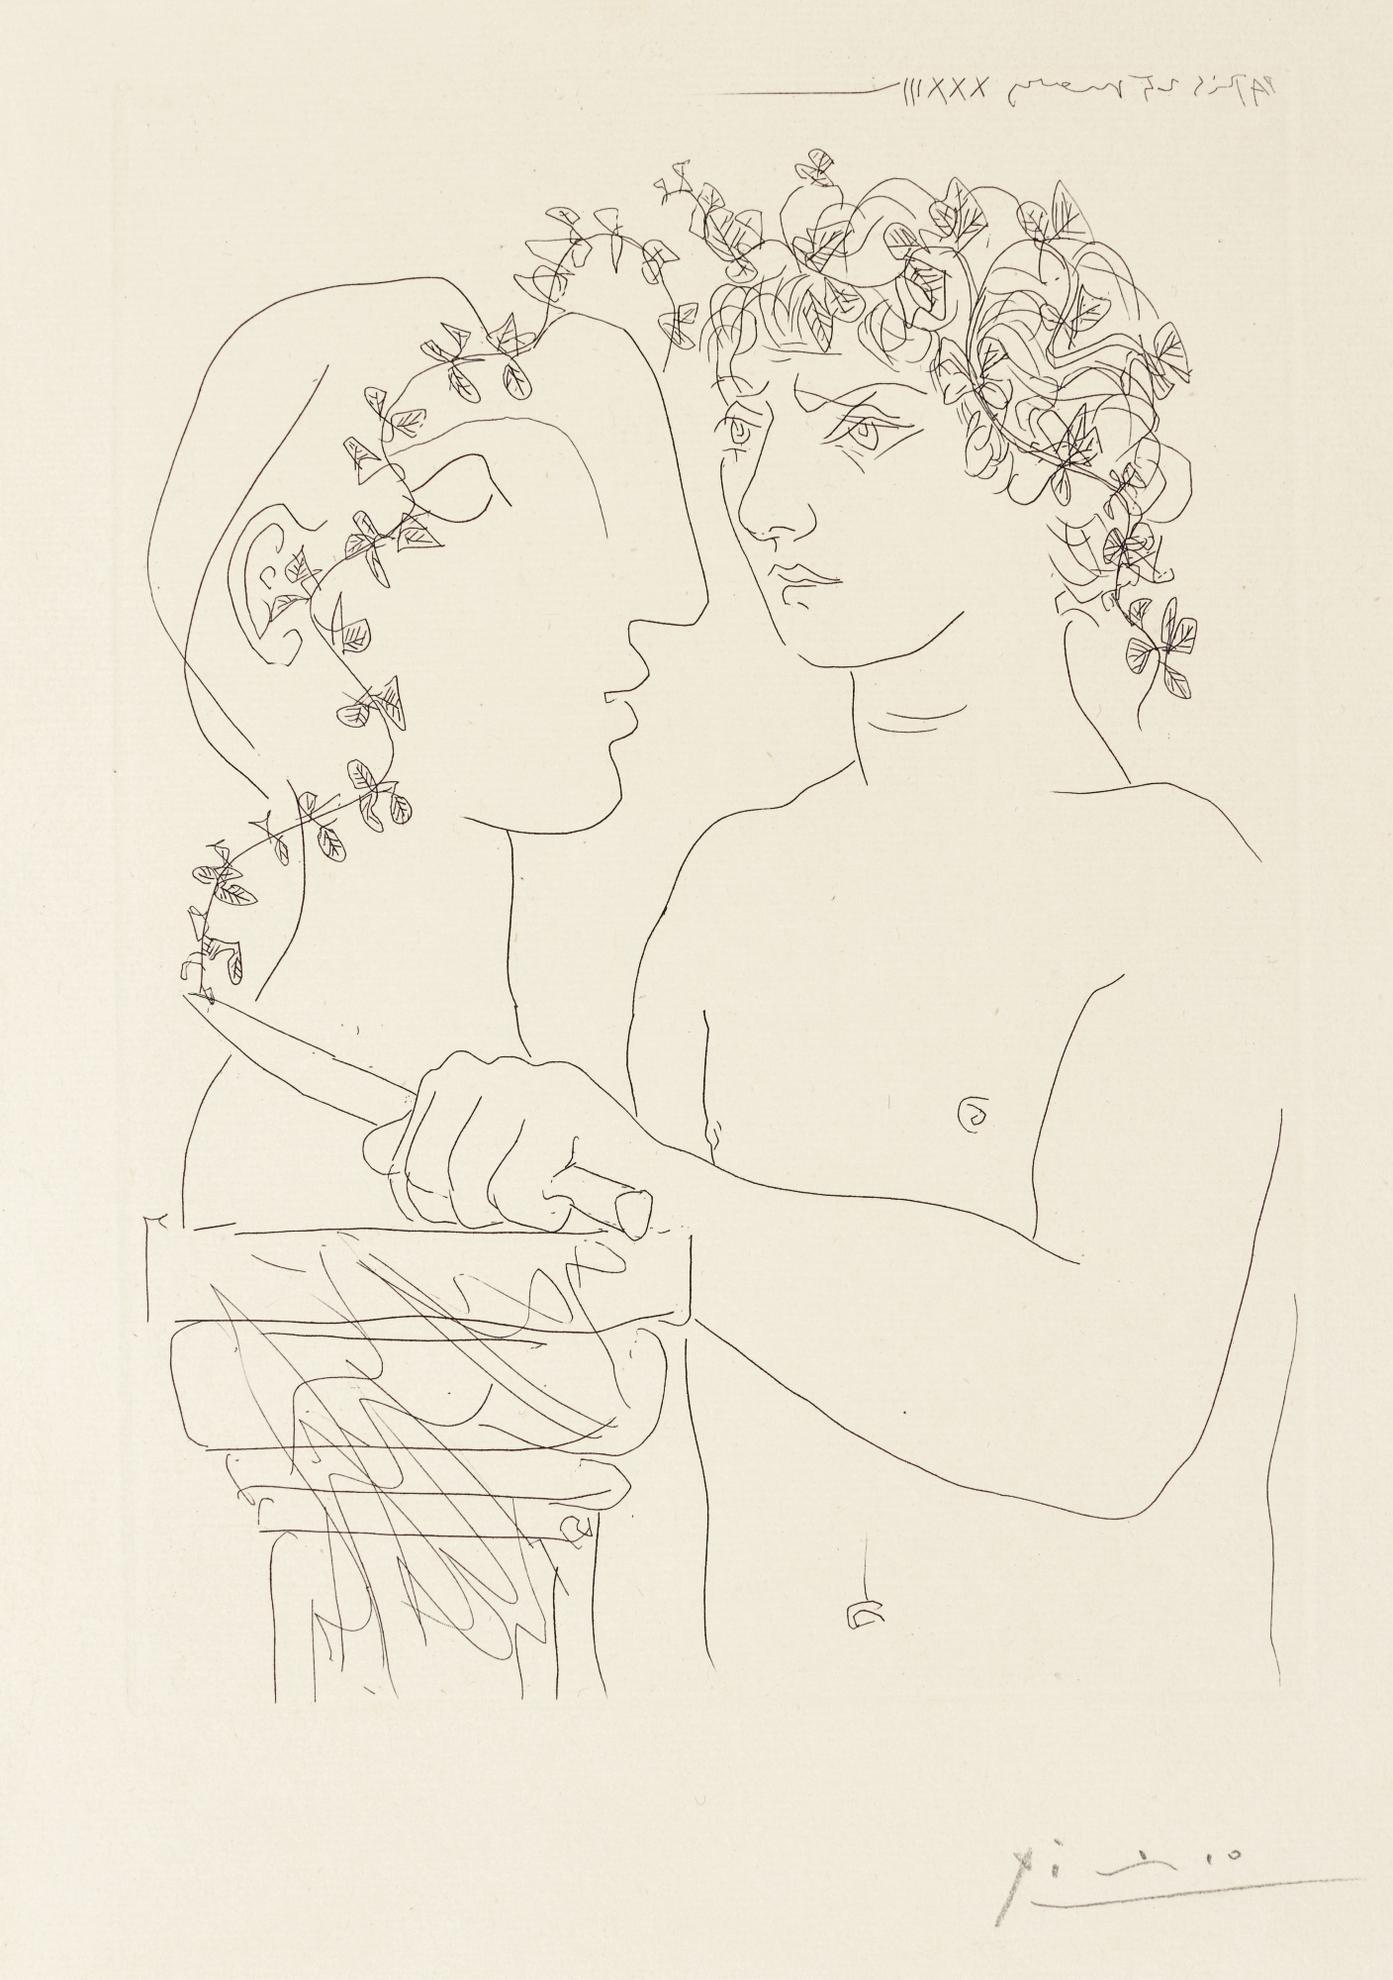 Pablo Picasso-Peintre Devant Son Tableau; And Jeune Sculpteur Au Travail (Bloch 92, 156; Baer 133, 309)-1933